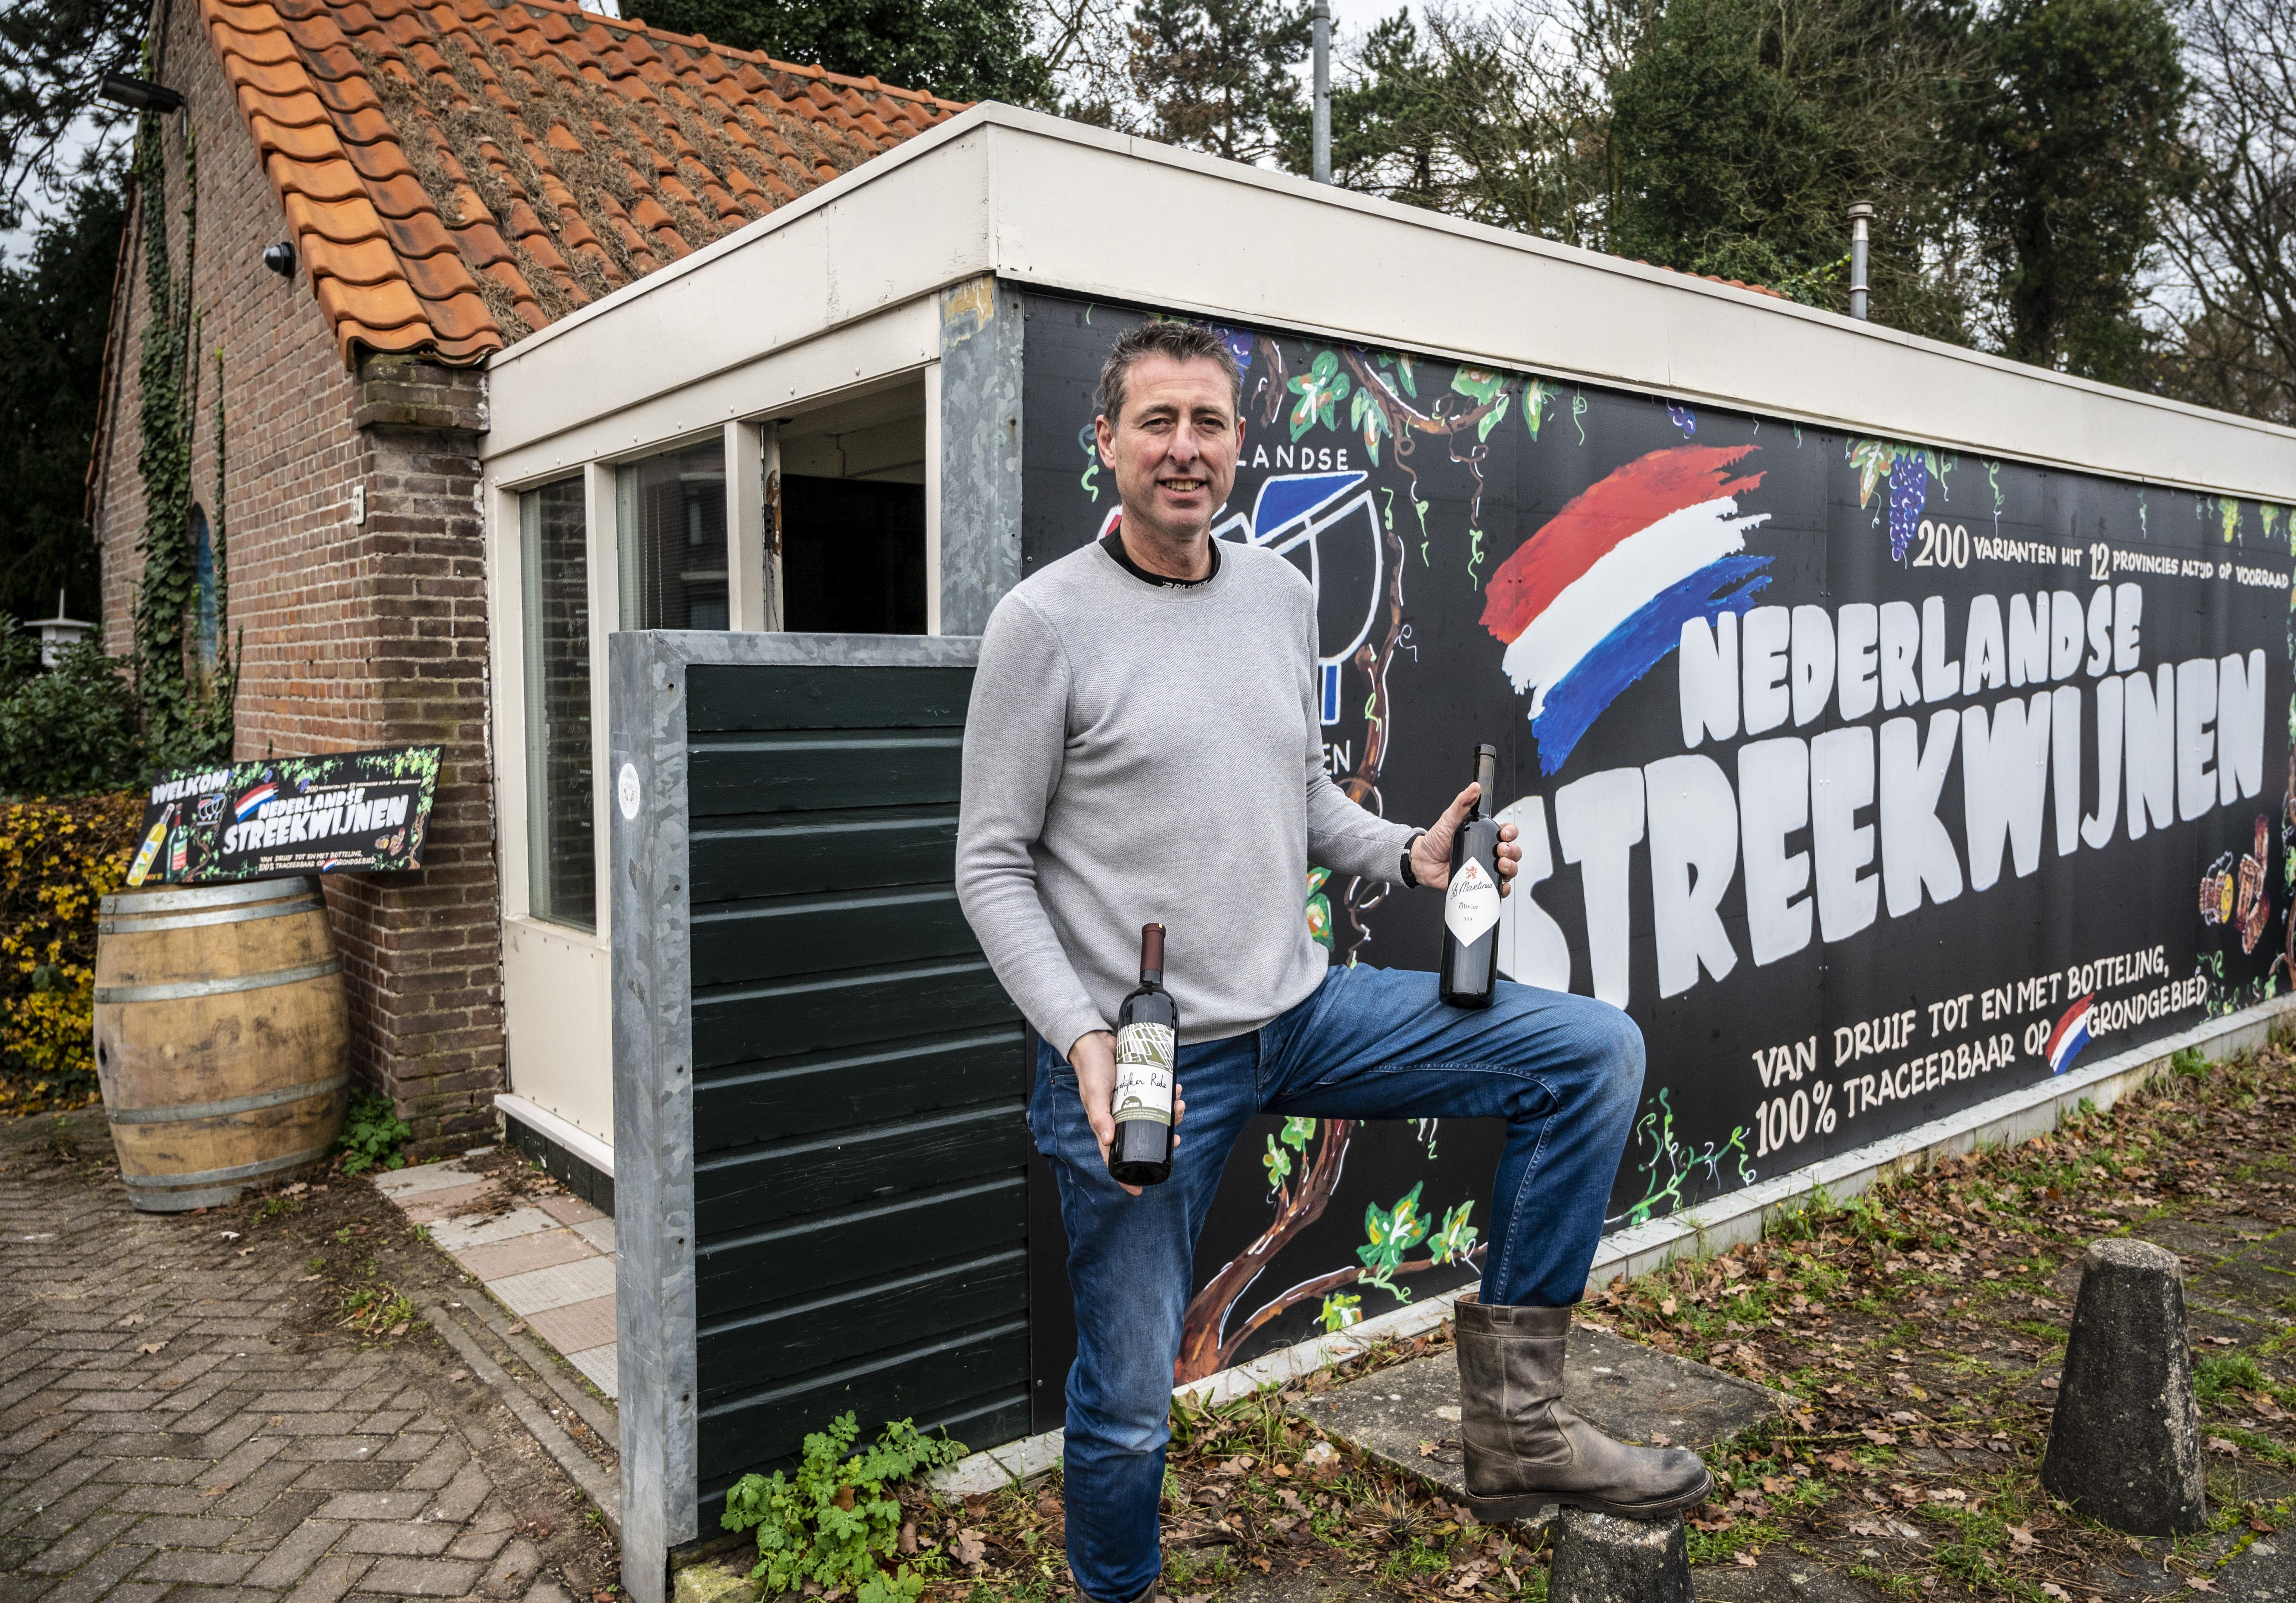 Patricks schatkamer van Nederlandse wijnen in Santpoort: 'steeds meer mensen ontdekken dat de kwaliteit heel hoog is'